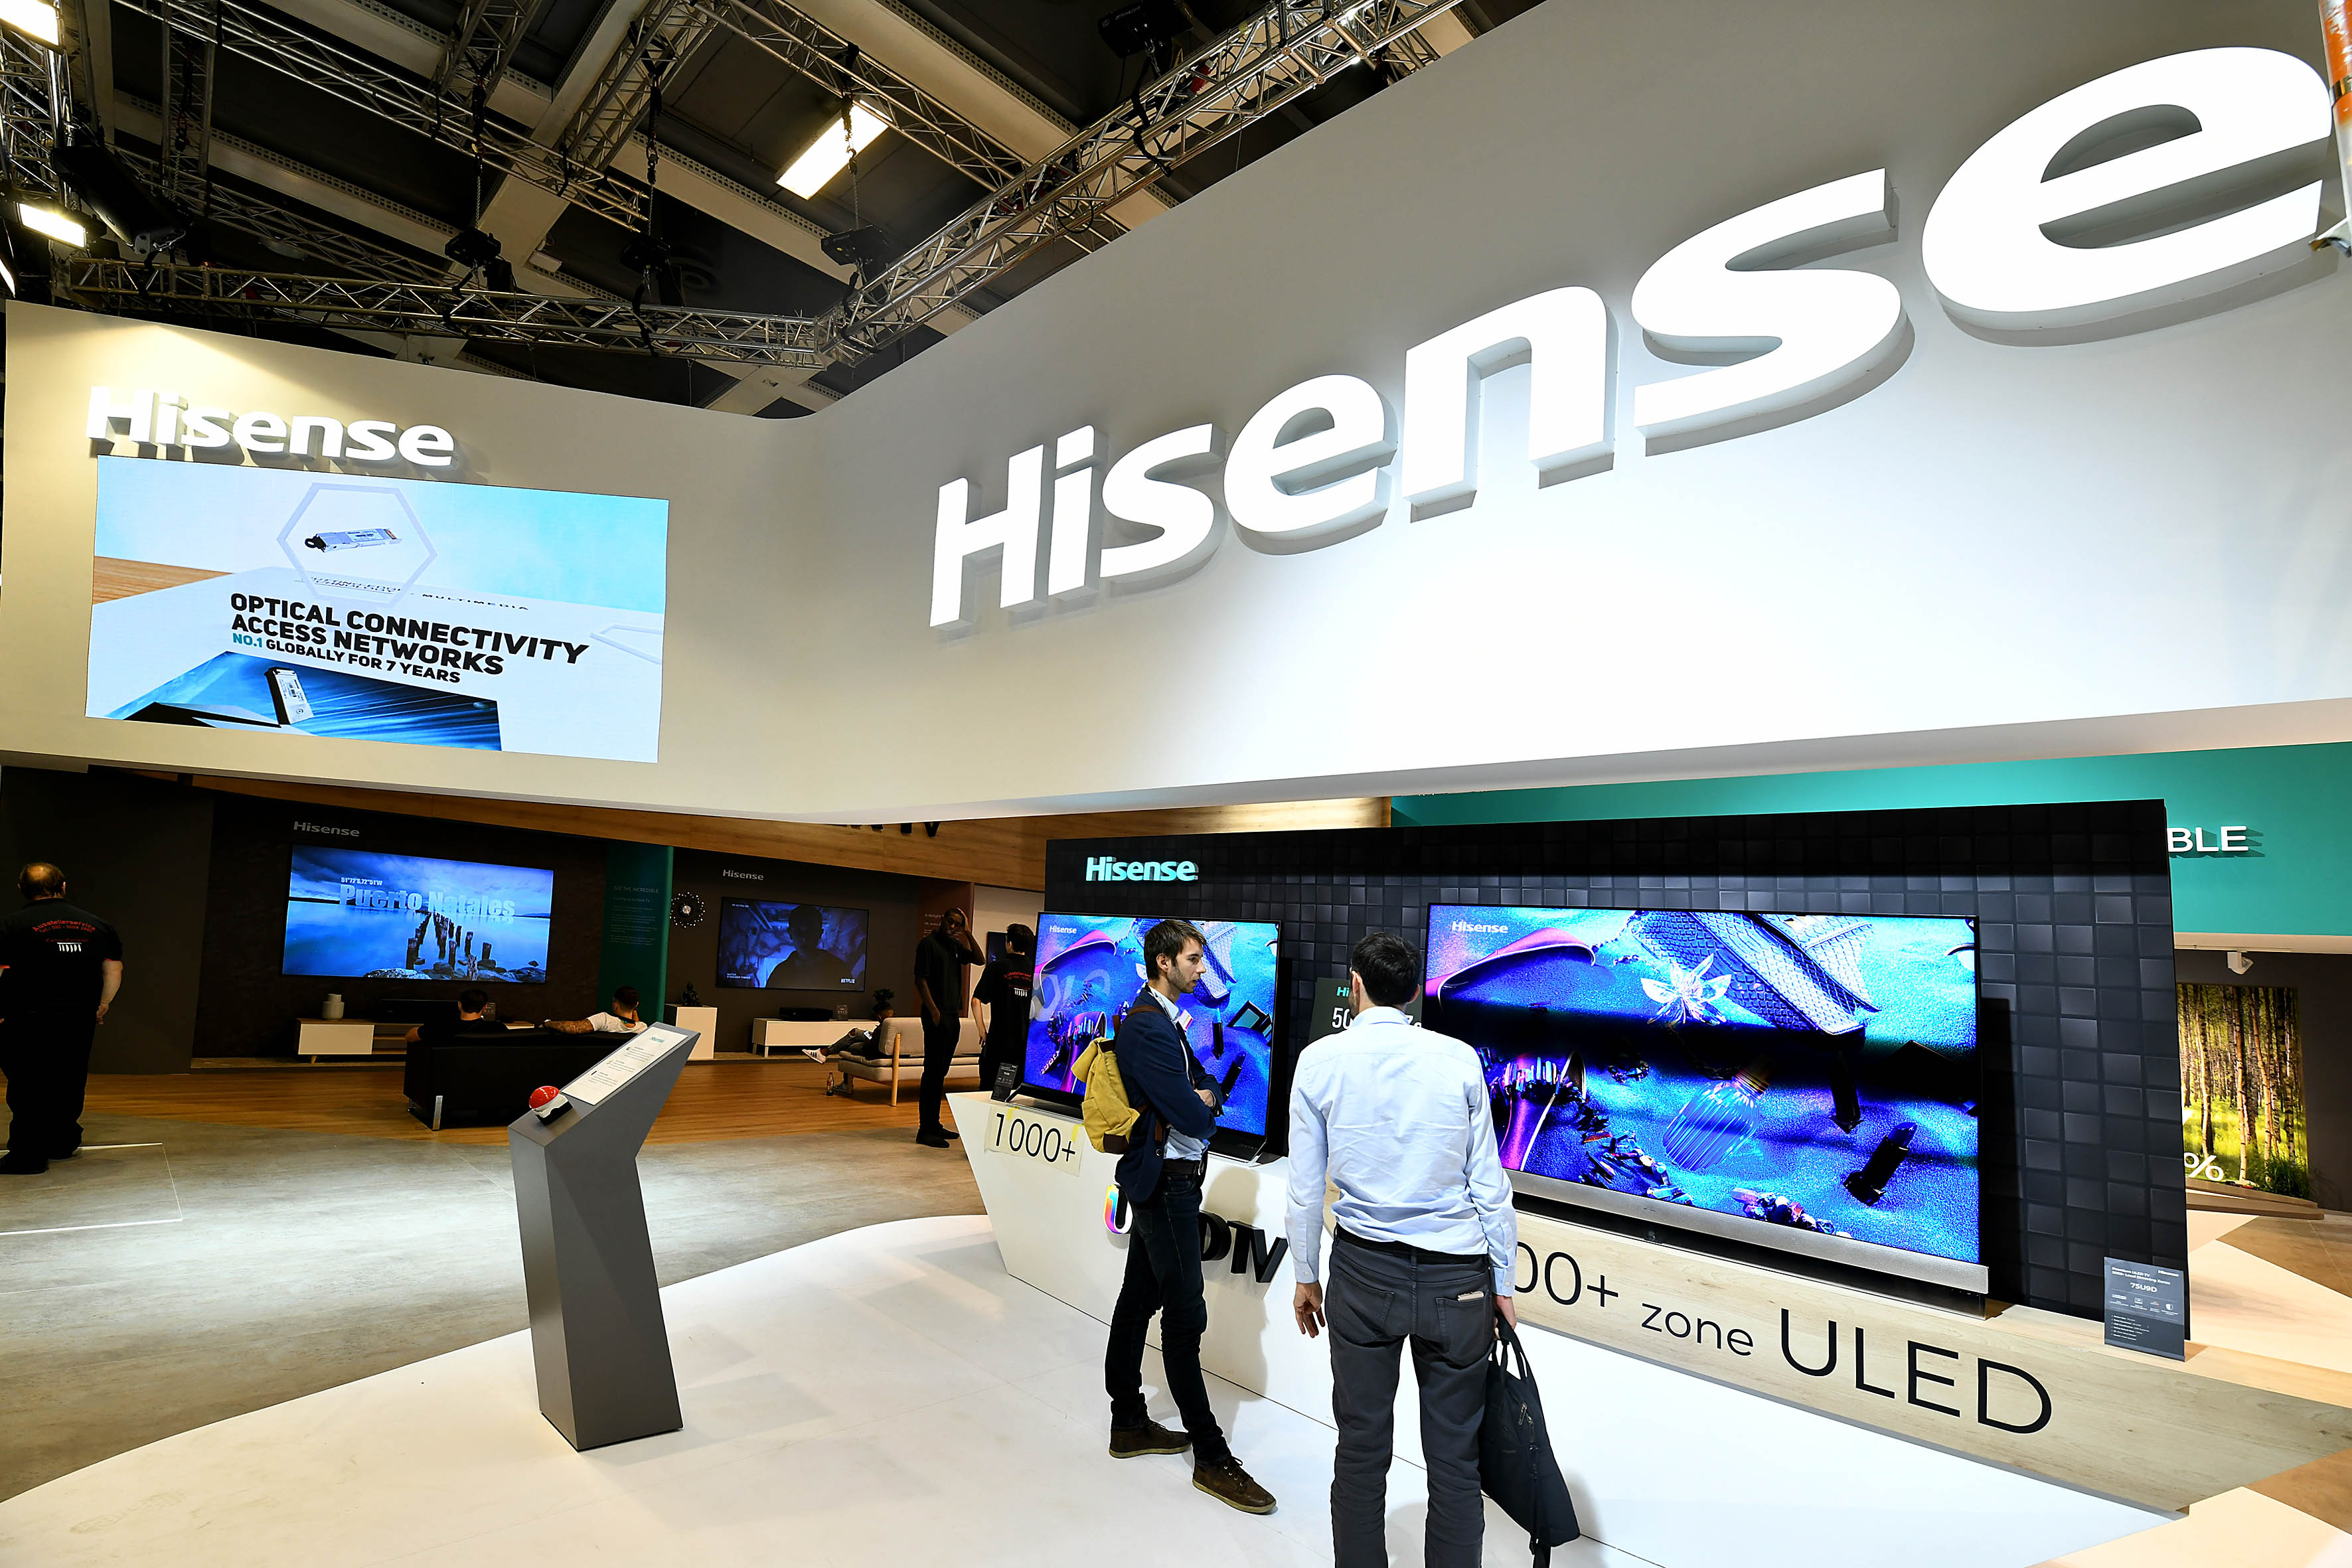 Foto: Michael B. Rehders Hisense zeigt TV-Geräte ohne Ende mit prächtigen Farben.